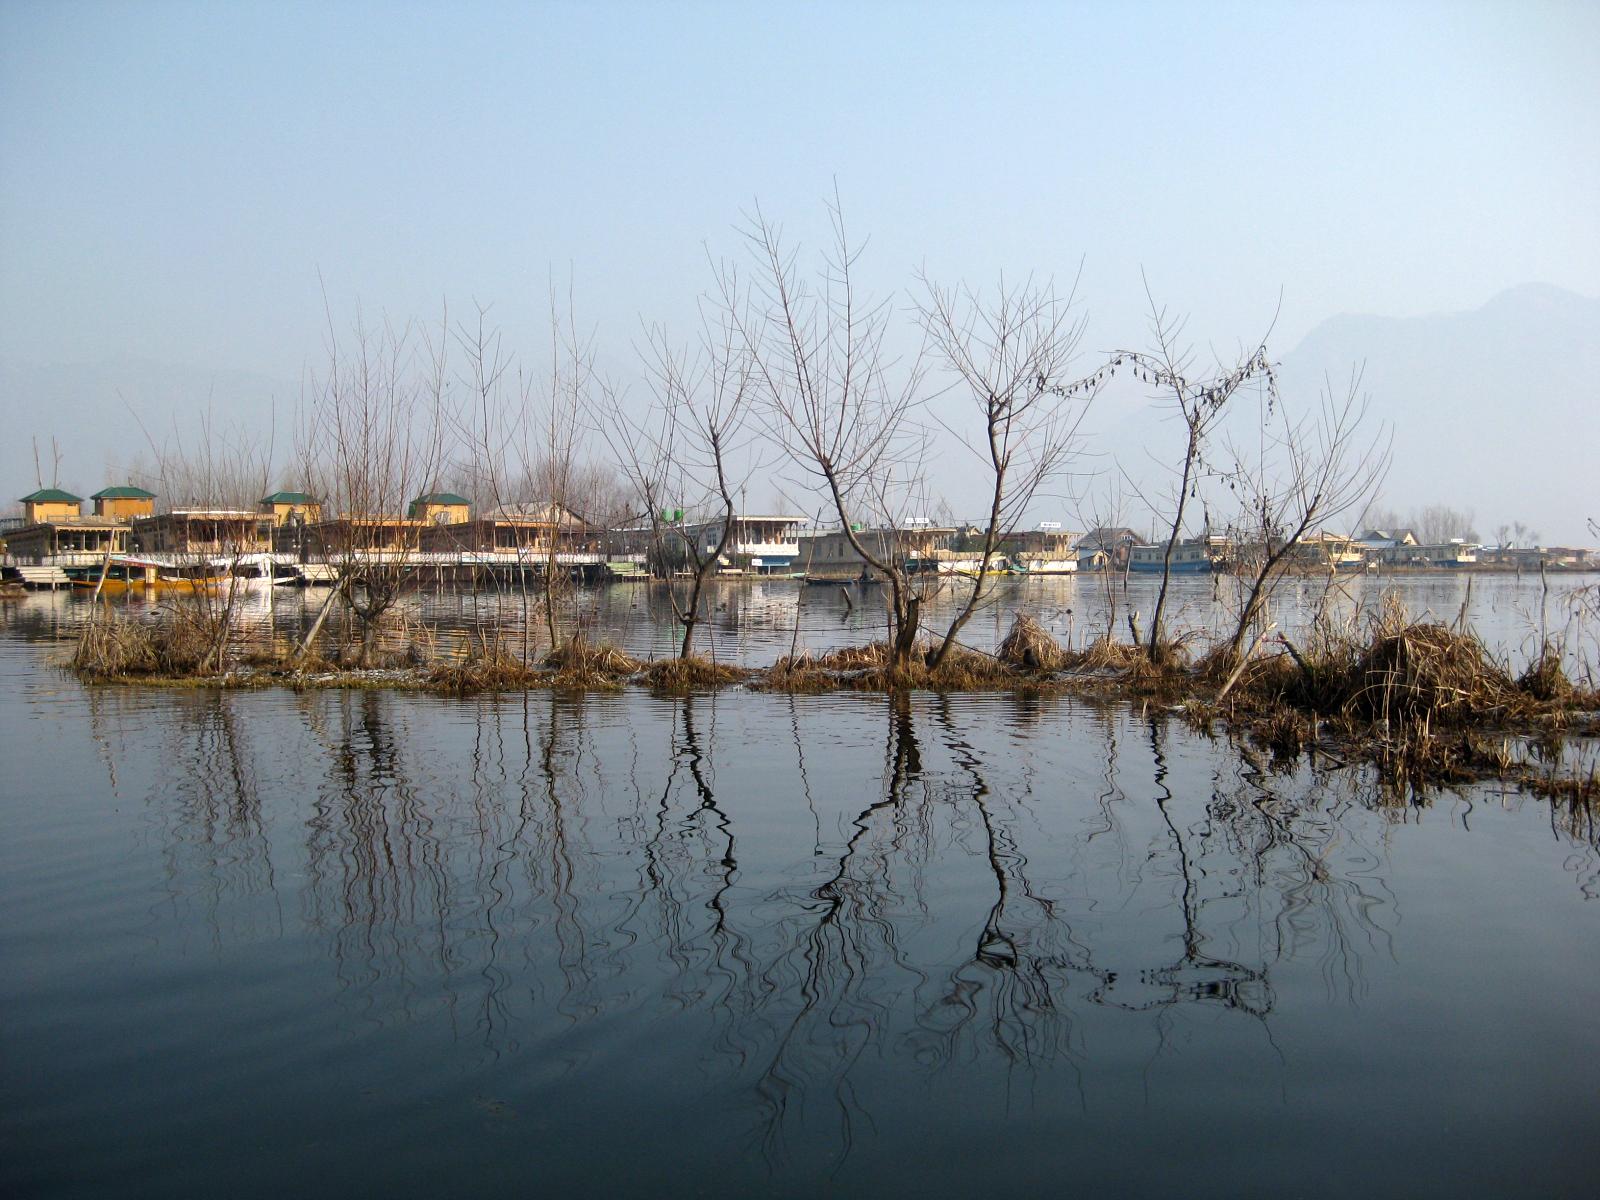 Dal lake kashmir srinagar